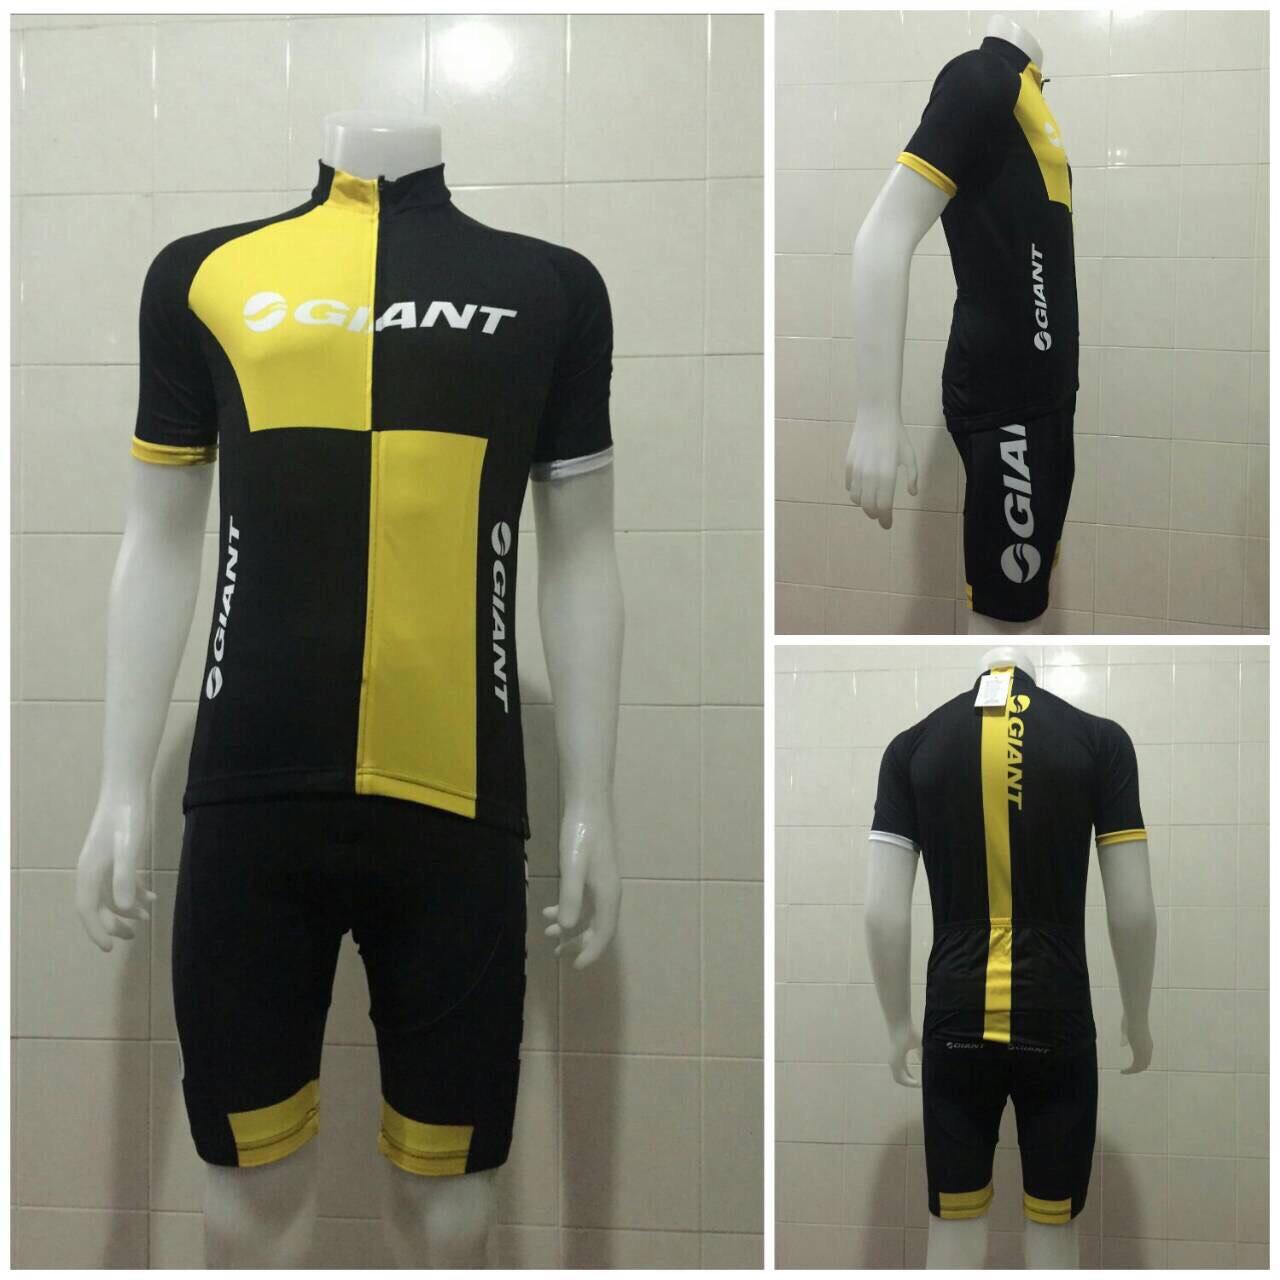 ชุดปั่นจักรยานแขนสั้น GIANT สีดำเหลือง เป้าเจล 5D (แอดไลน์ @pinpinbike ใส่ @ ข้างหน้าด้วยนะคะ)